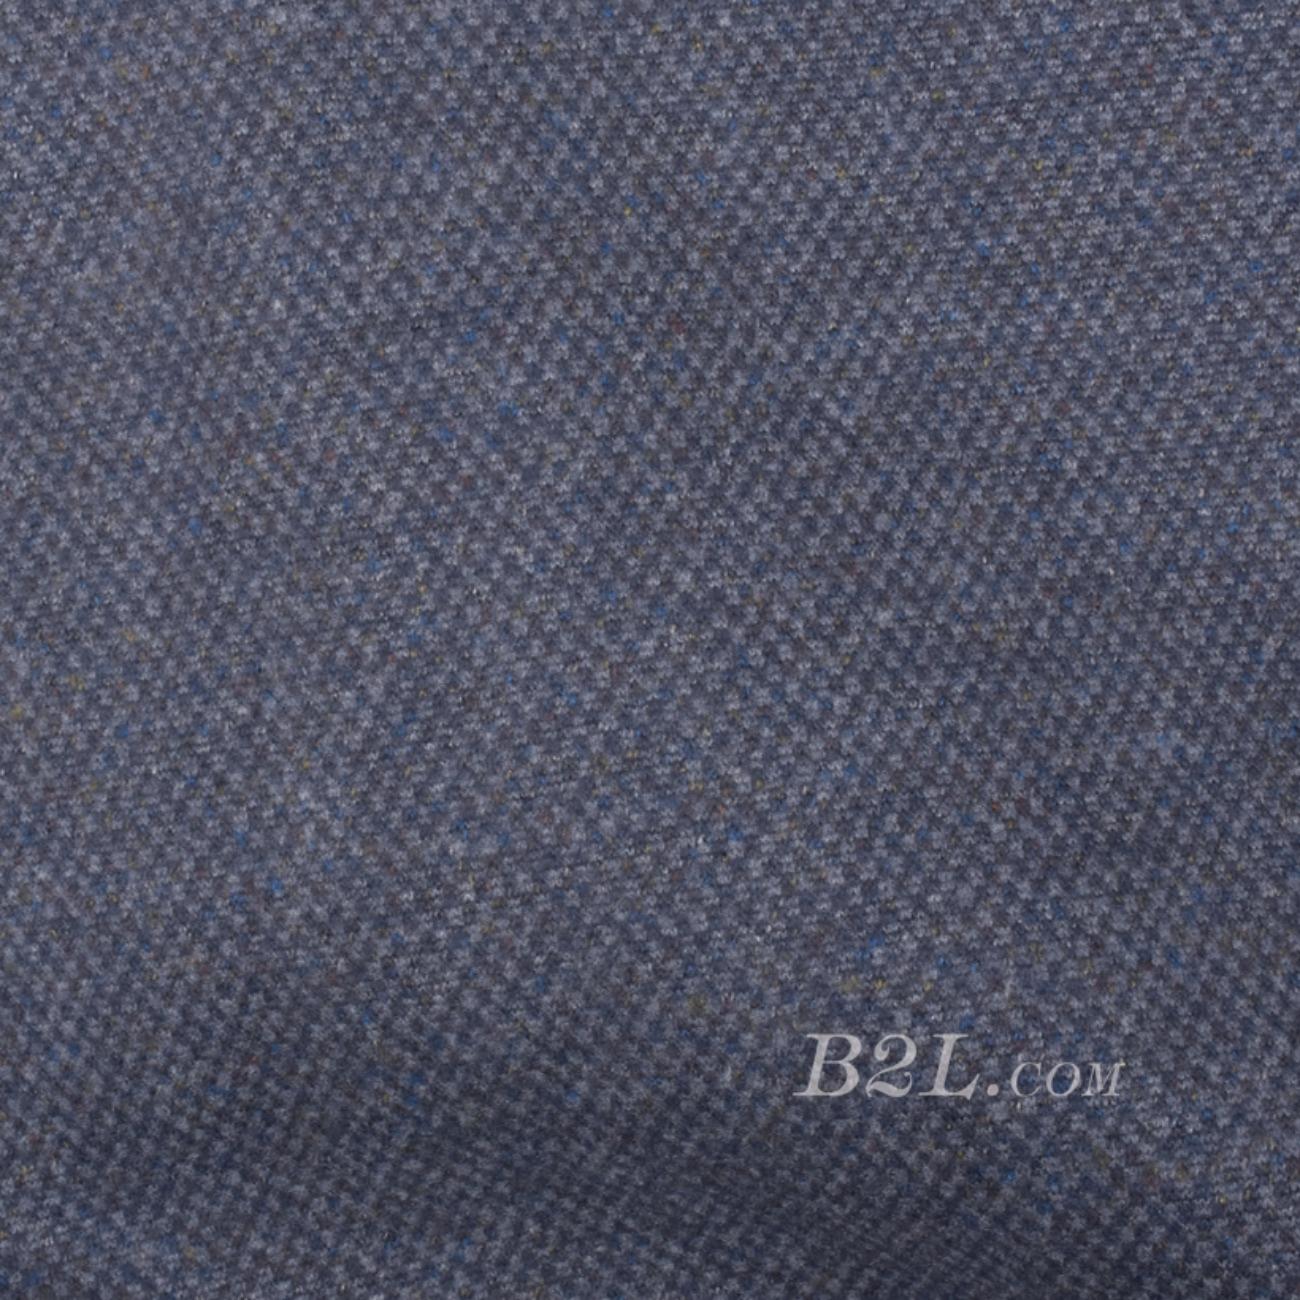 毛纺 针织 染色 四面弹 格子 秋冬 外套 卫衣 91019-25